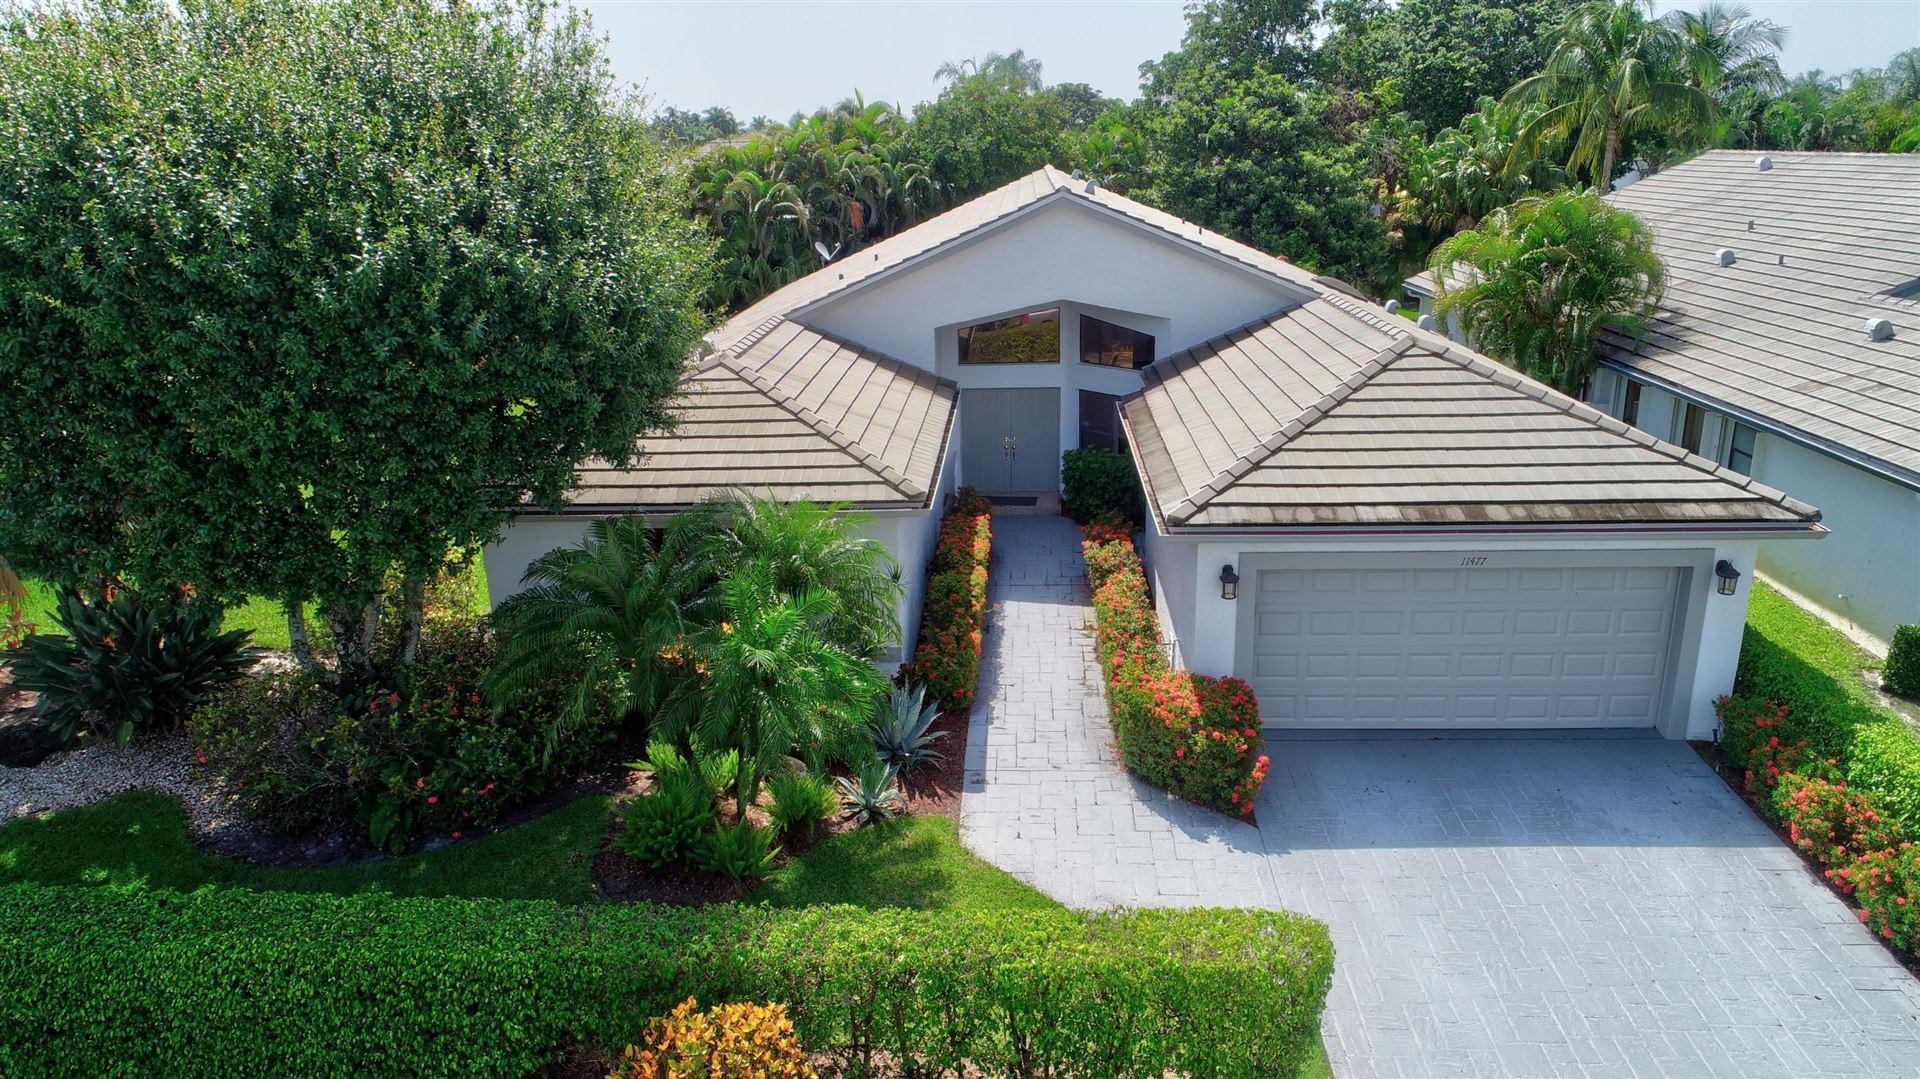 11477 Victoria Circle, Boynton Beach, FL 33437 - #: RX-10624686